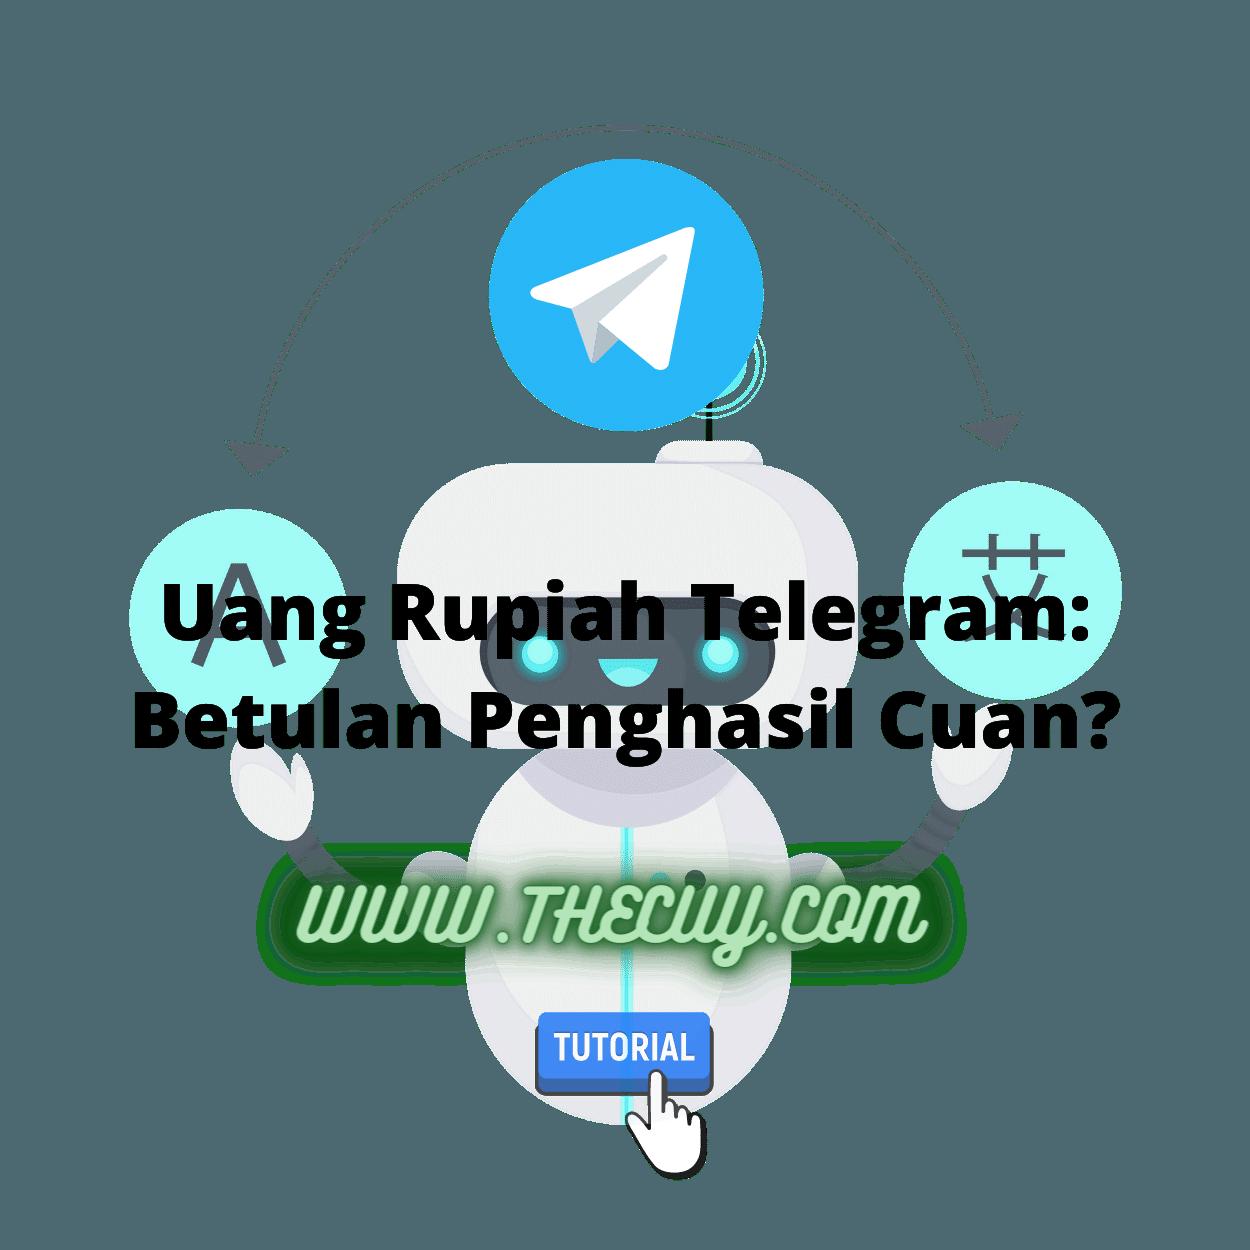 Uang Rupiah Telegram: Betulan Penghasil Cuan?